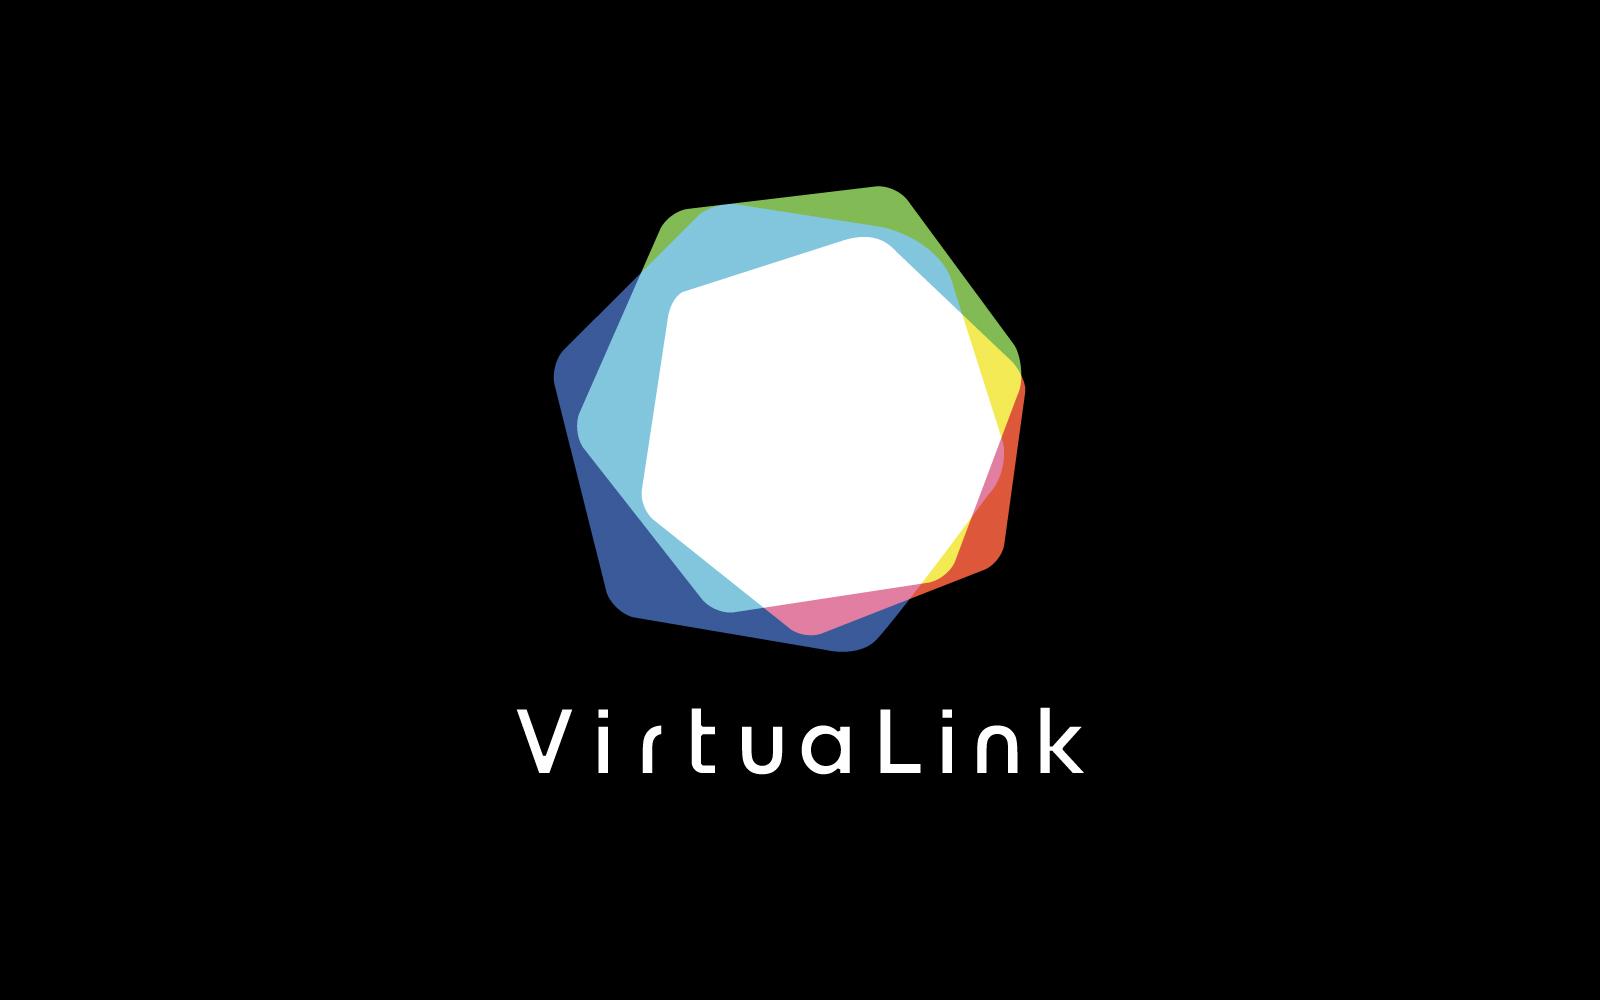 「集団体験型VRサービス VirtuaLink」ロゴ開発